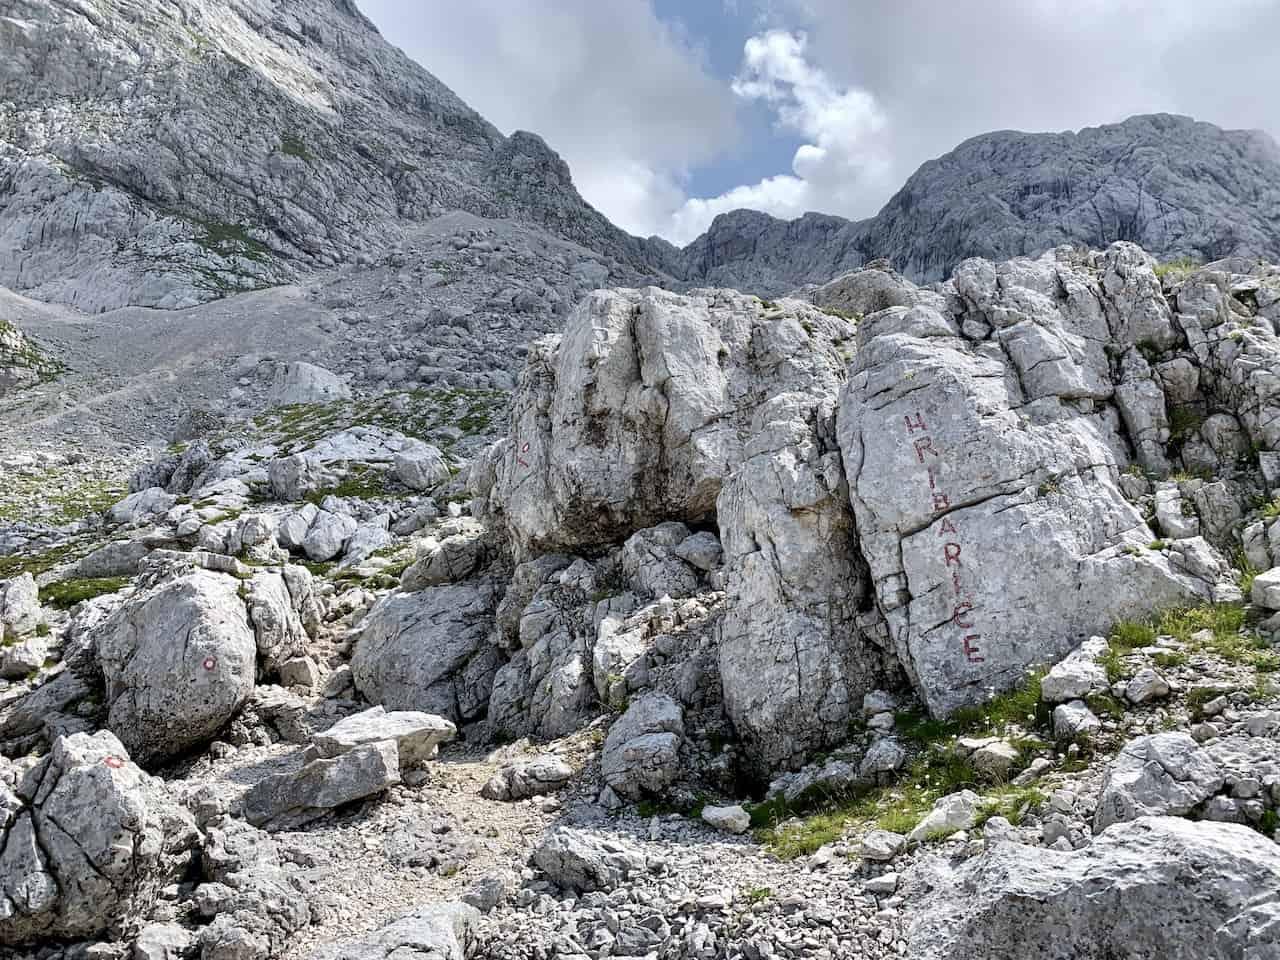 Hribarice Slovenia